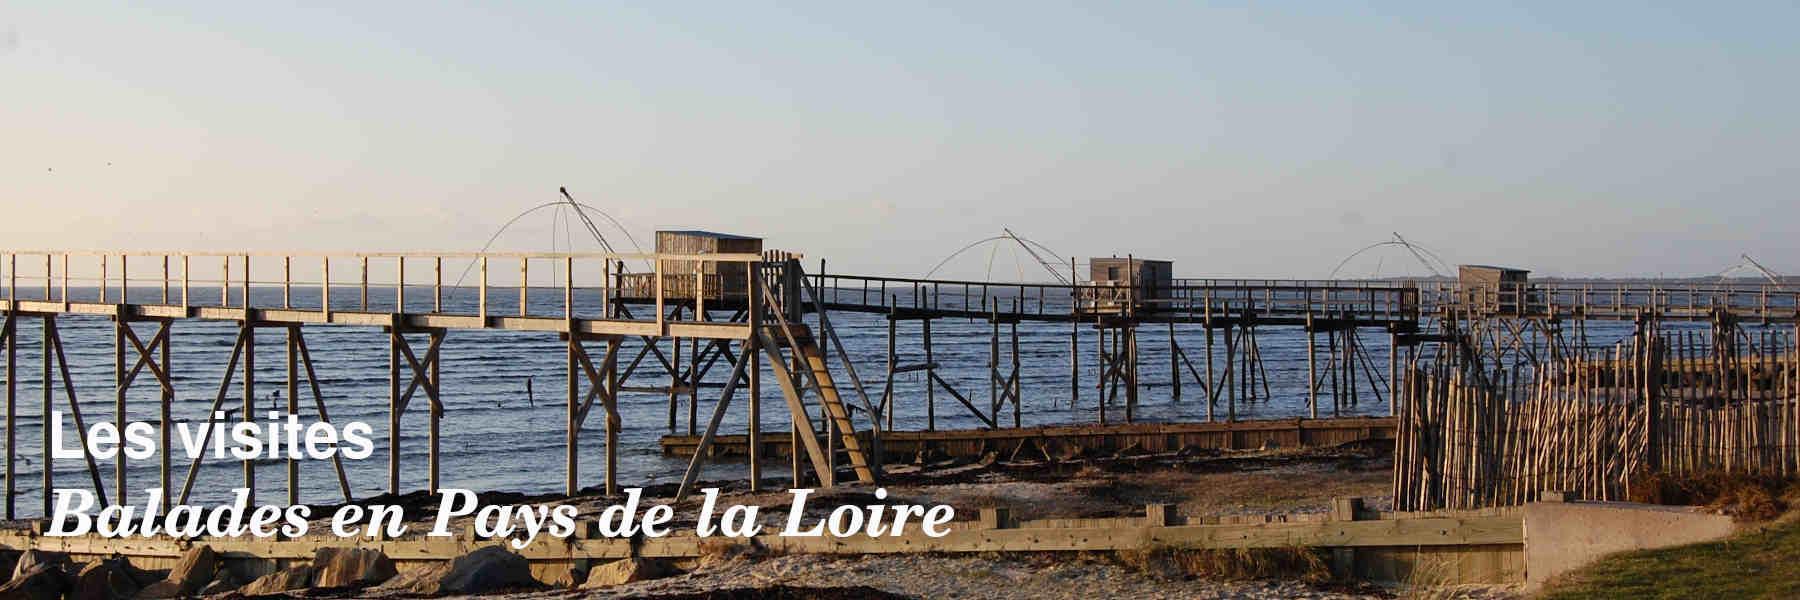 Visites du Pays de la Loire